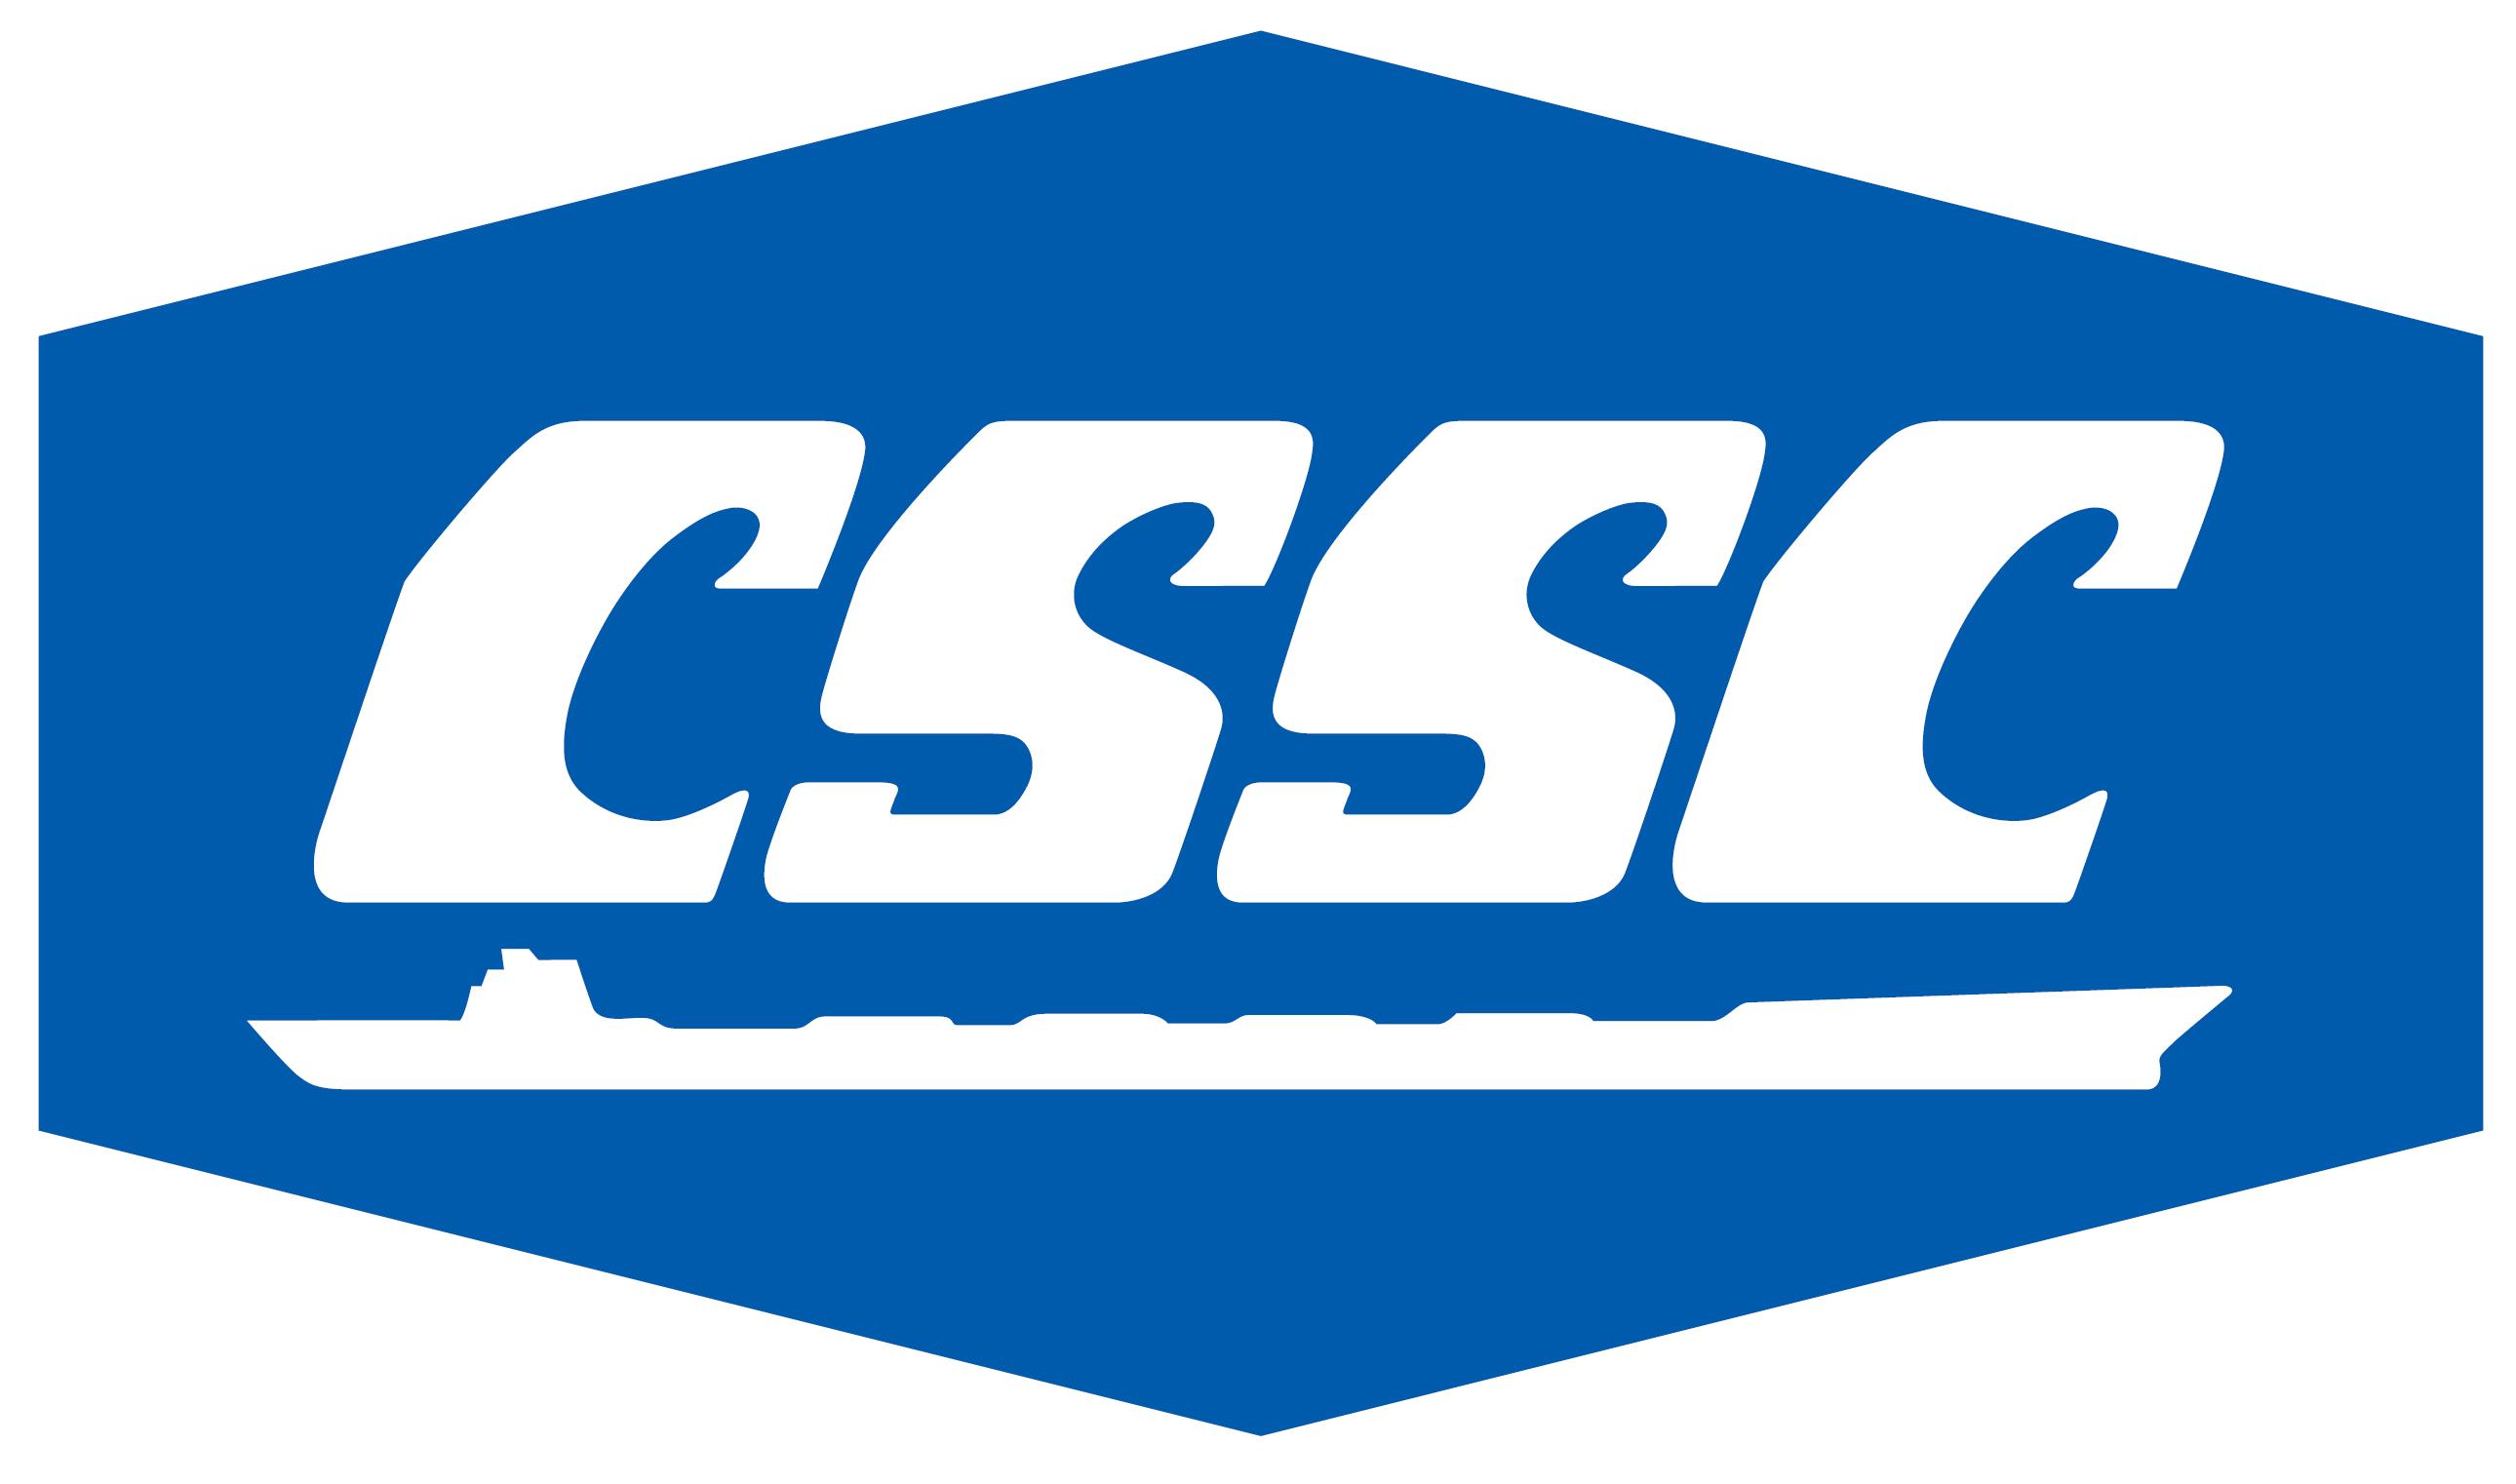 logo 标识 标志 设计 矢量 矢量图 素材 图标 2580_1522